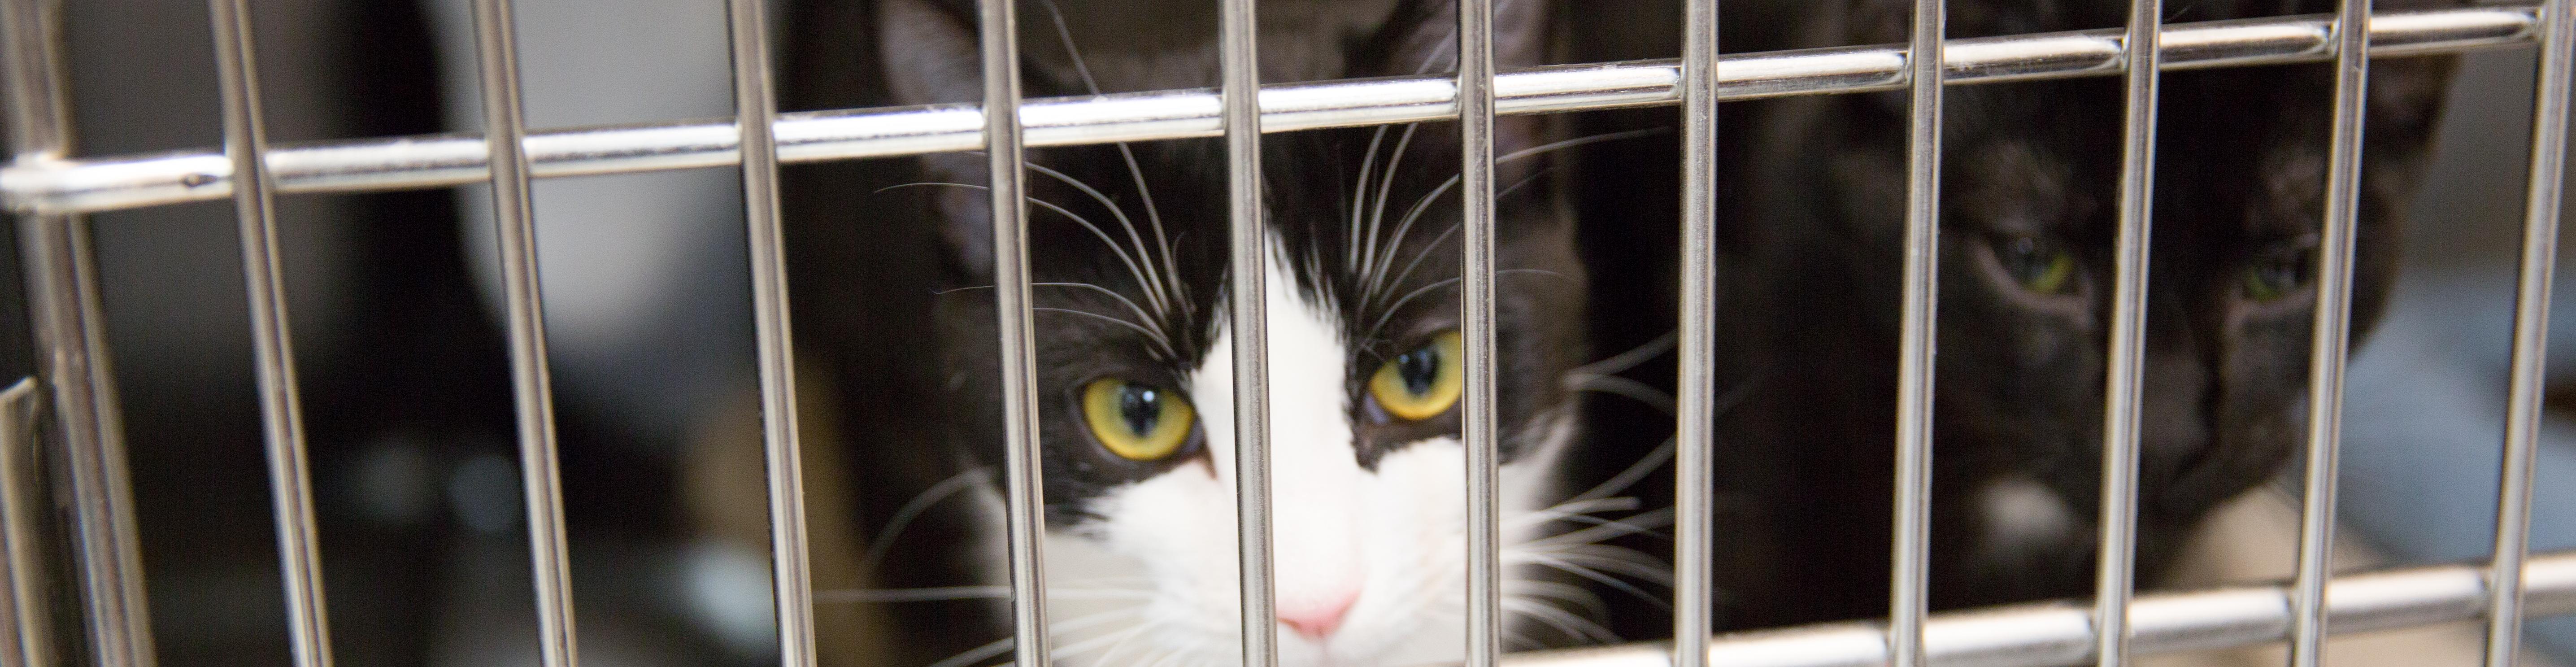 Cat in a boarding kennel